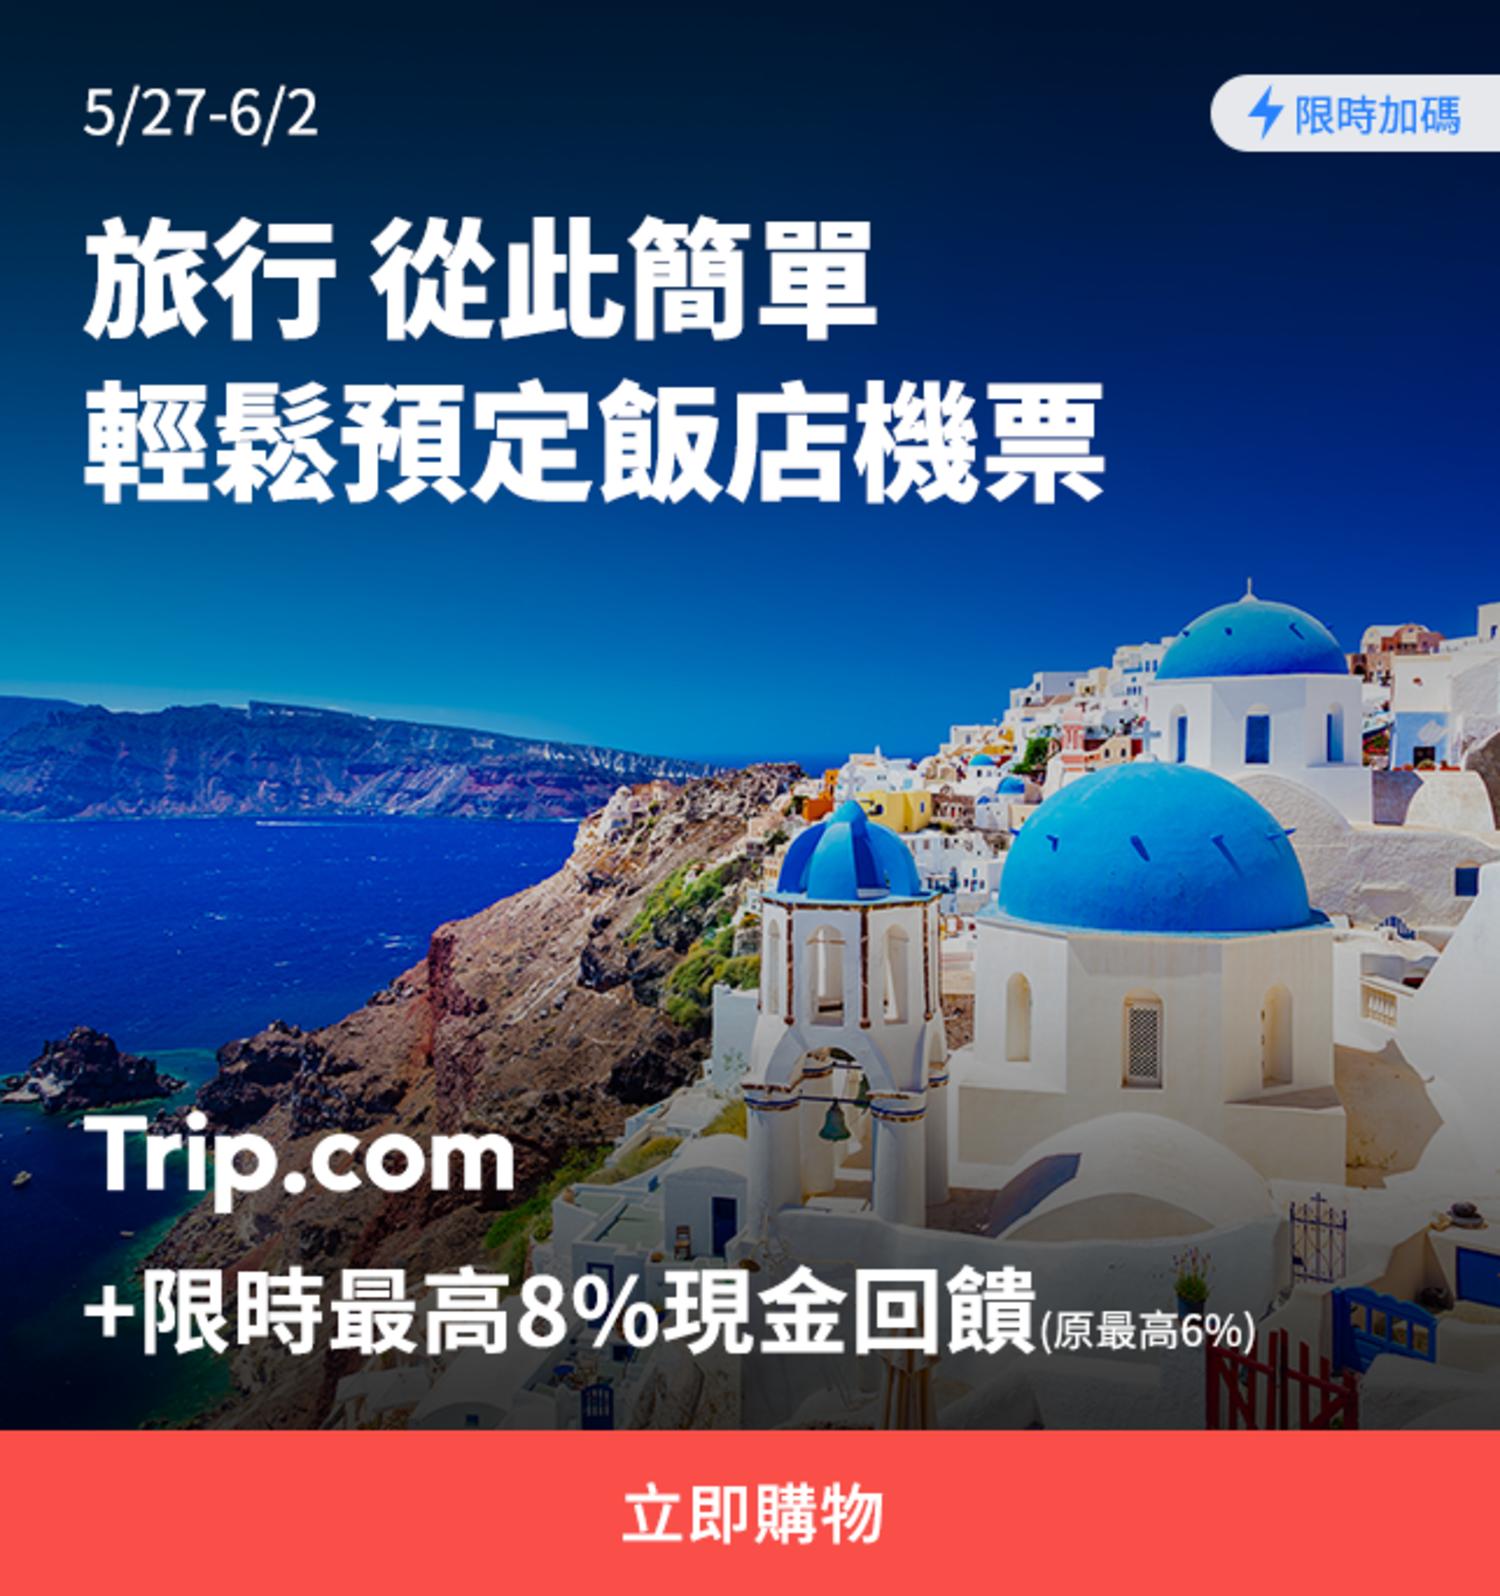 Trip-com加碼0527-0602